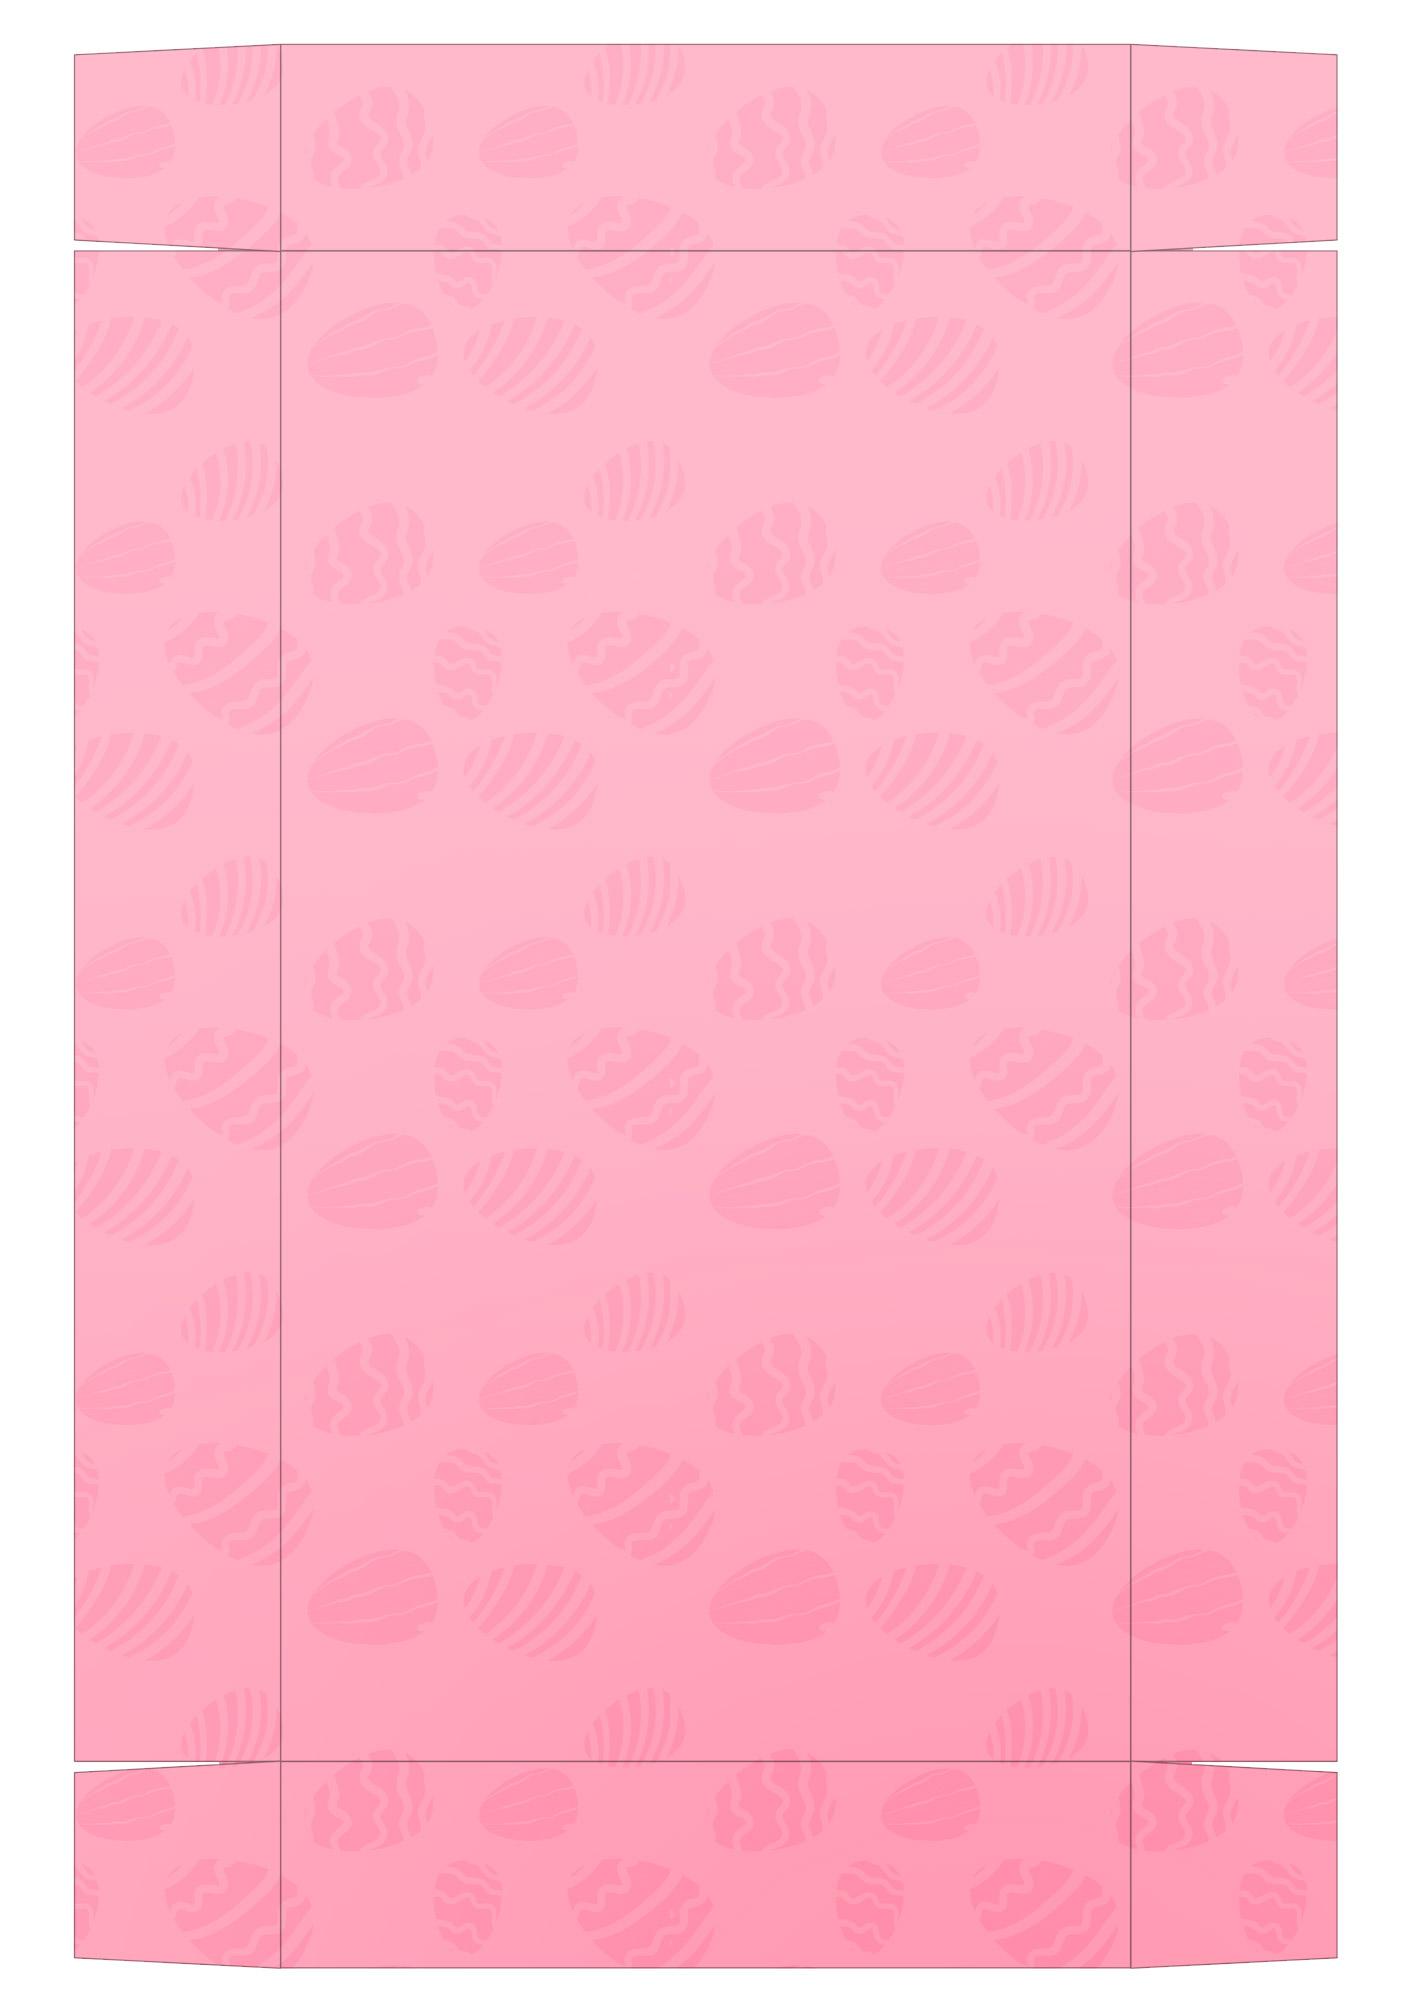 Caixa Kit Mini Confeiteiro para Páscoa - parte de baixo